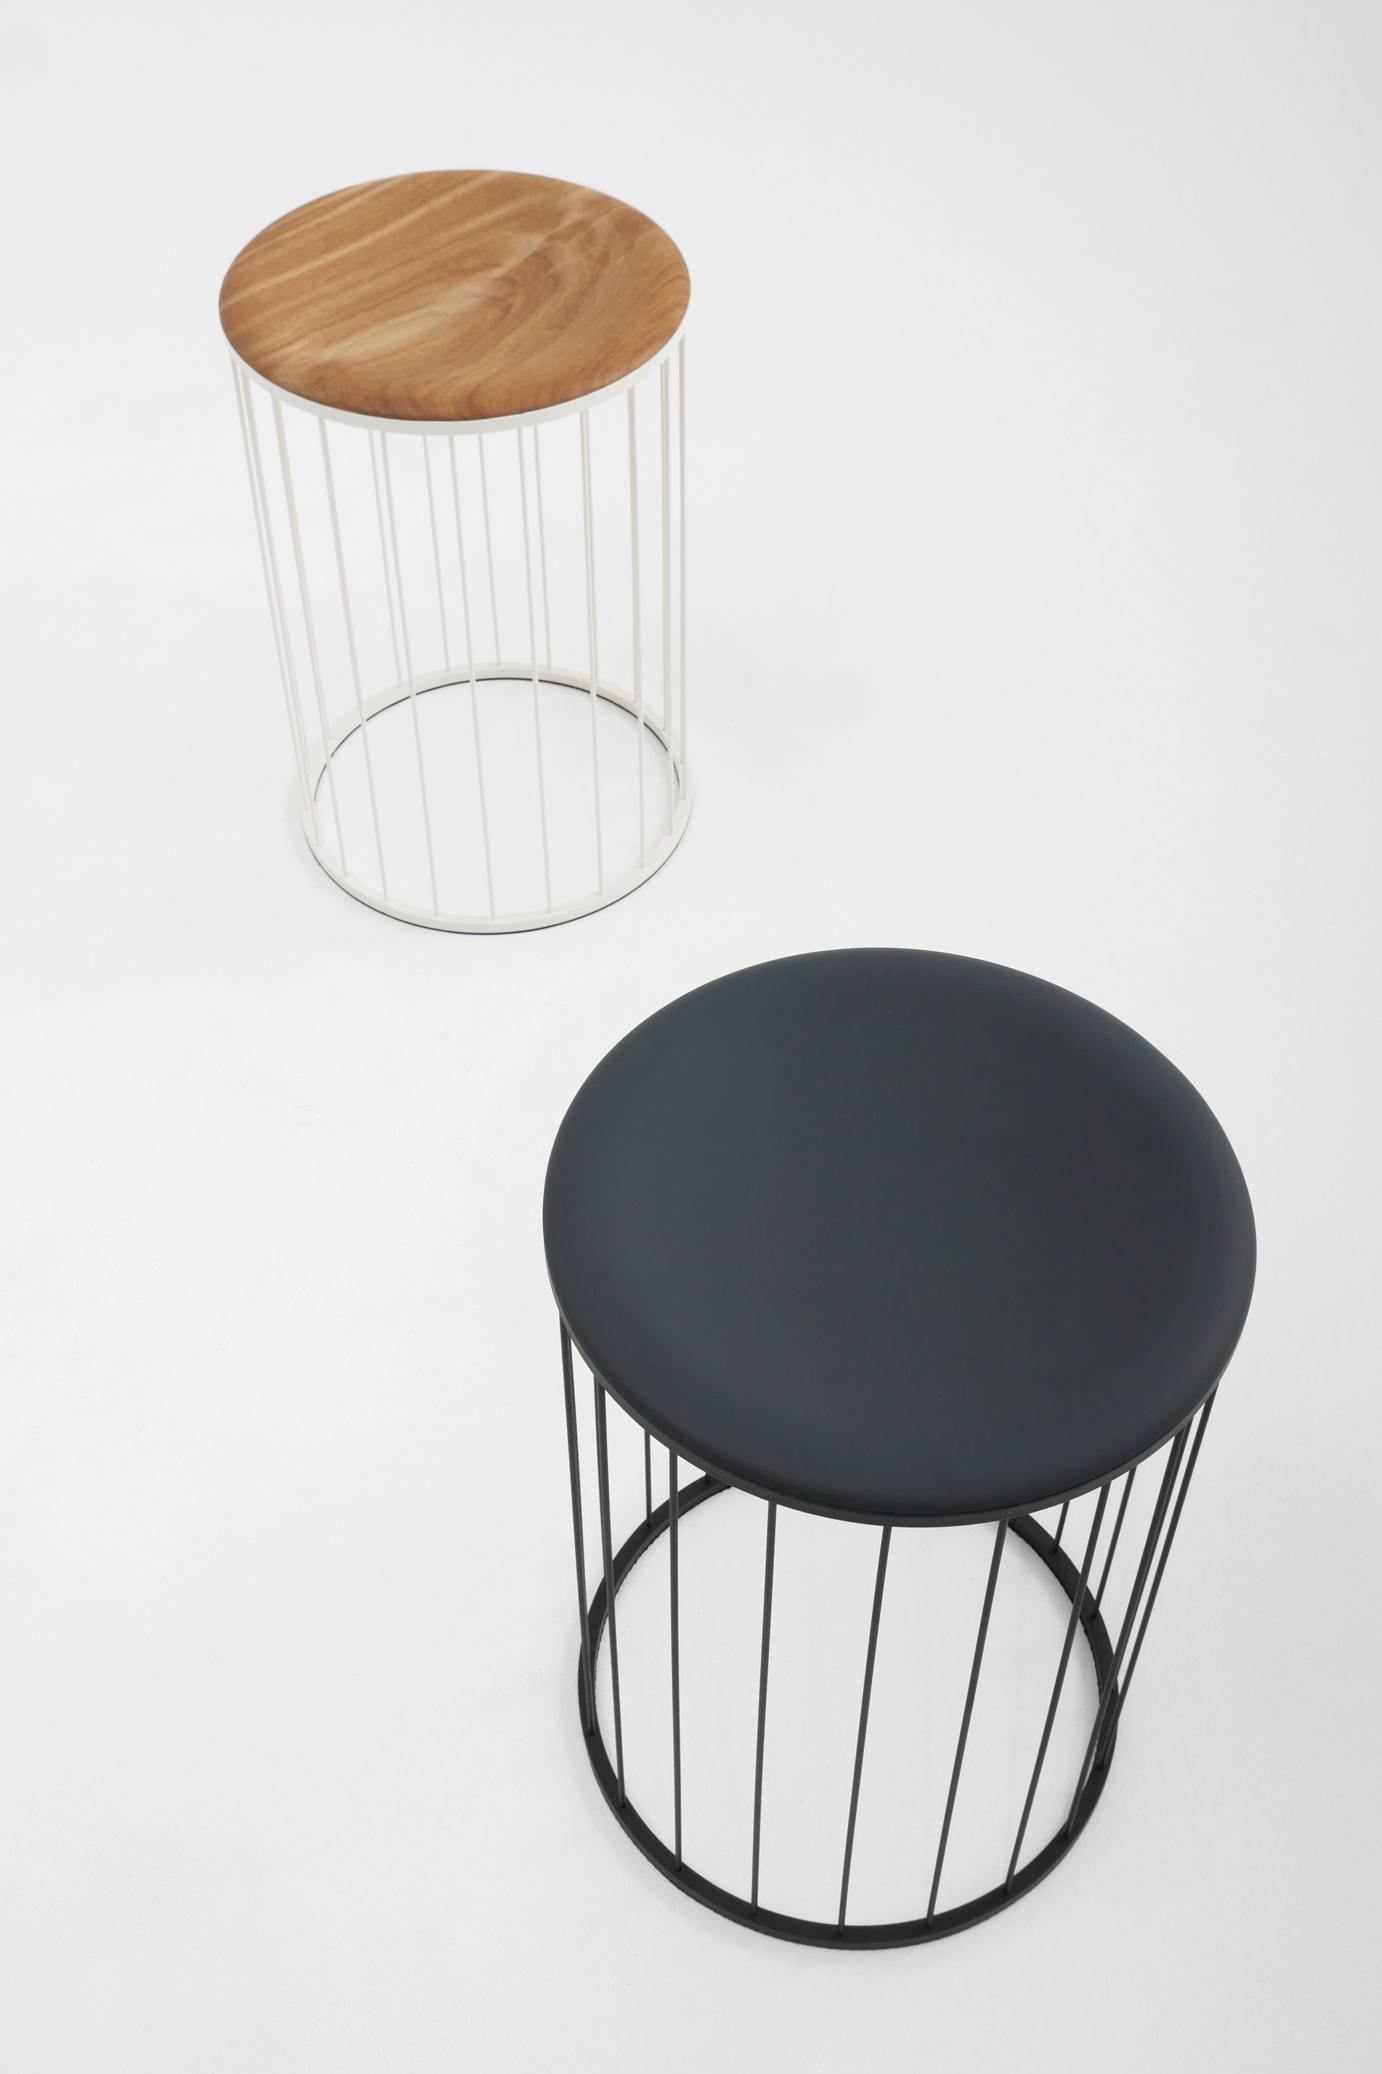 Spring Hocker Stuhl Federstahl schwarz Eiche Atelier Haußmann